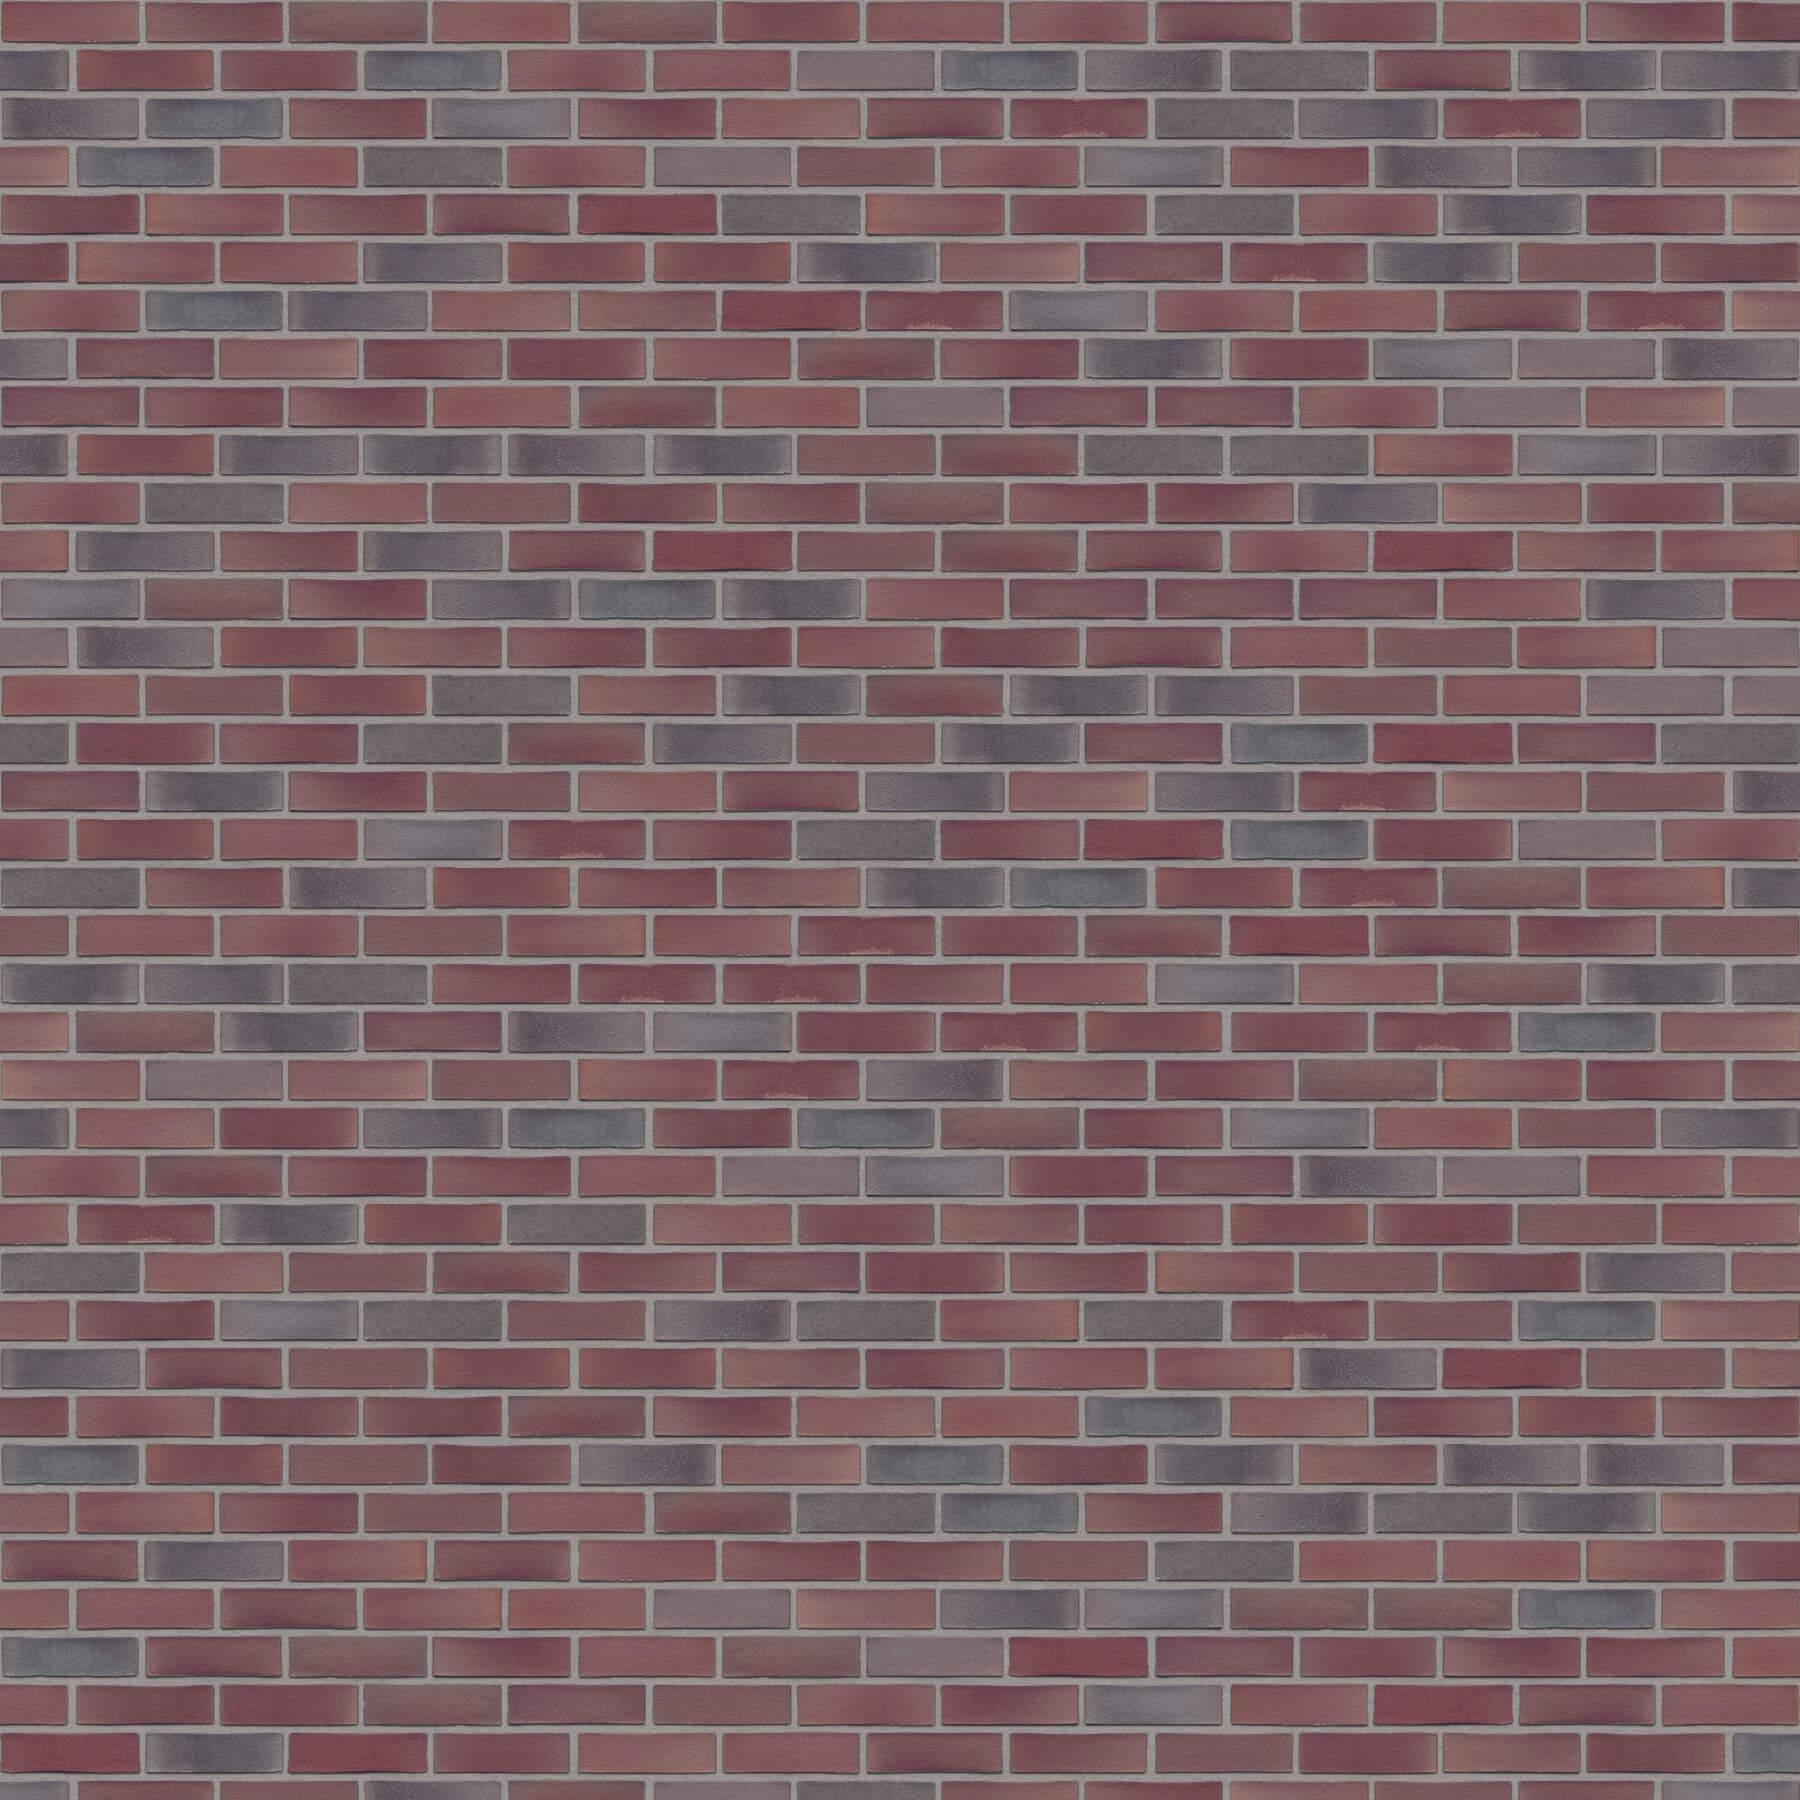 Puna-cigla-FeldHaus-Klinker-brick-ho-beograd-nf-k-380-SIva Fuga